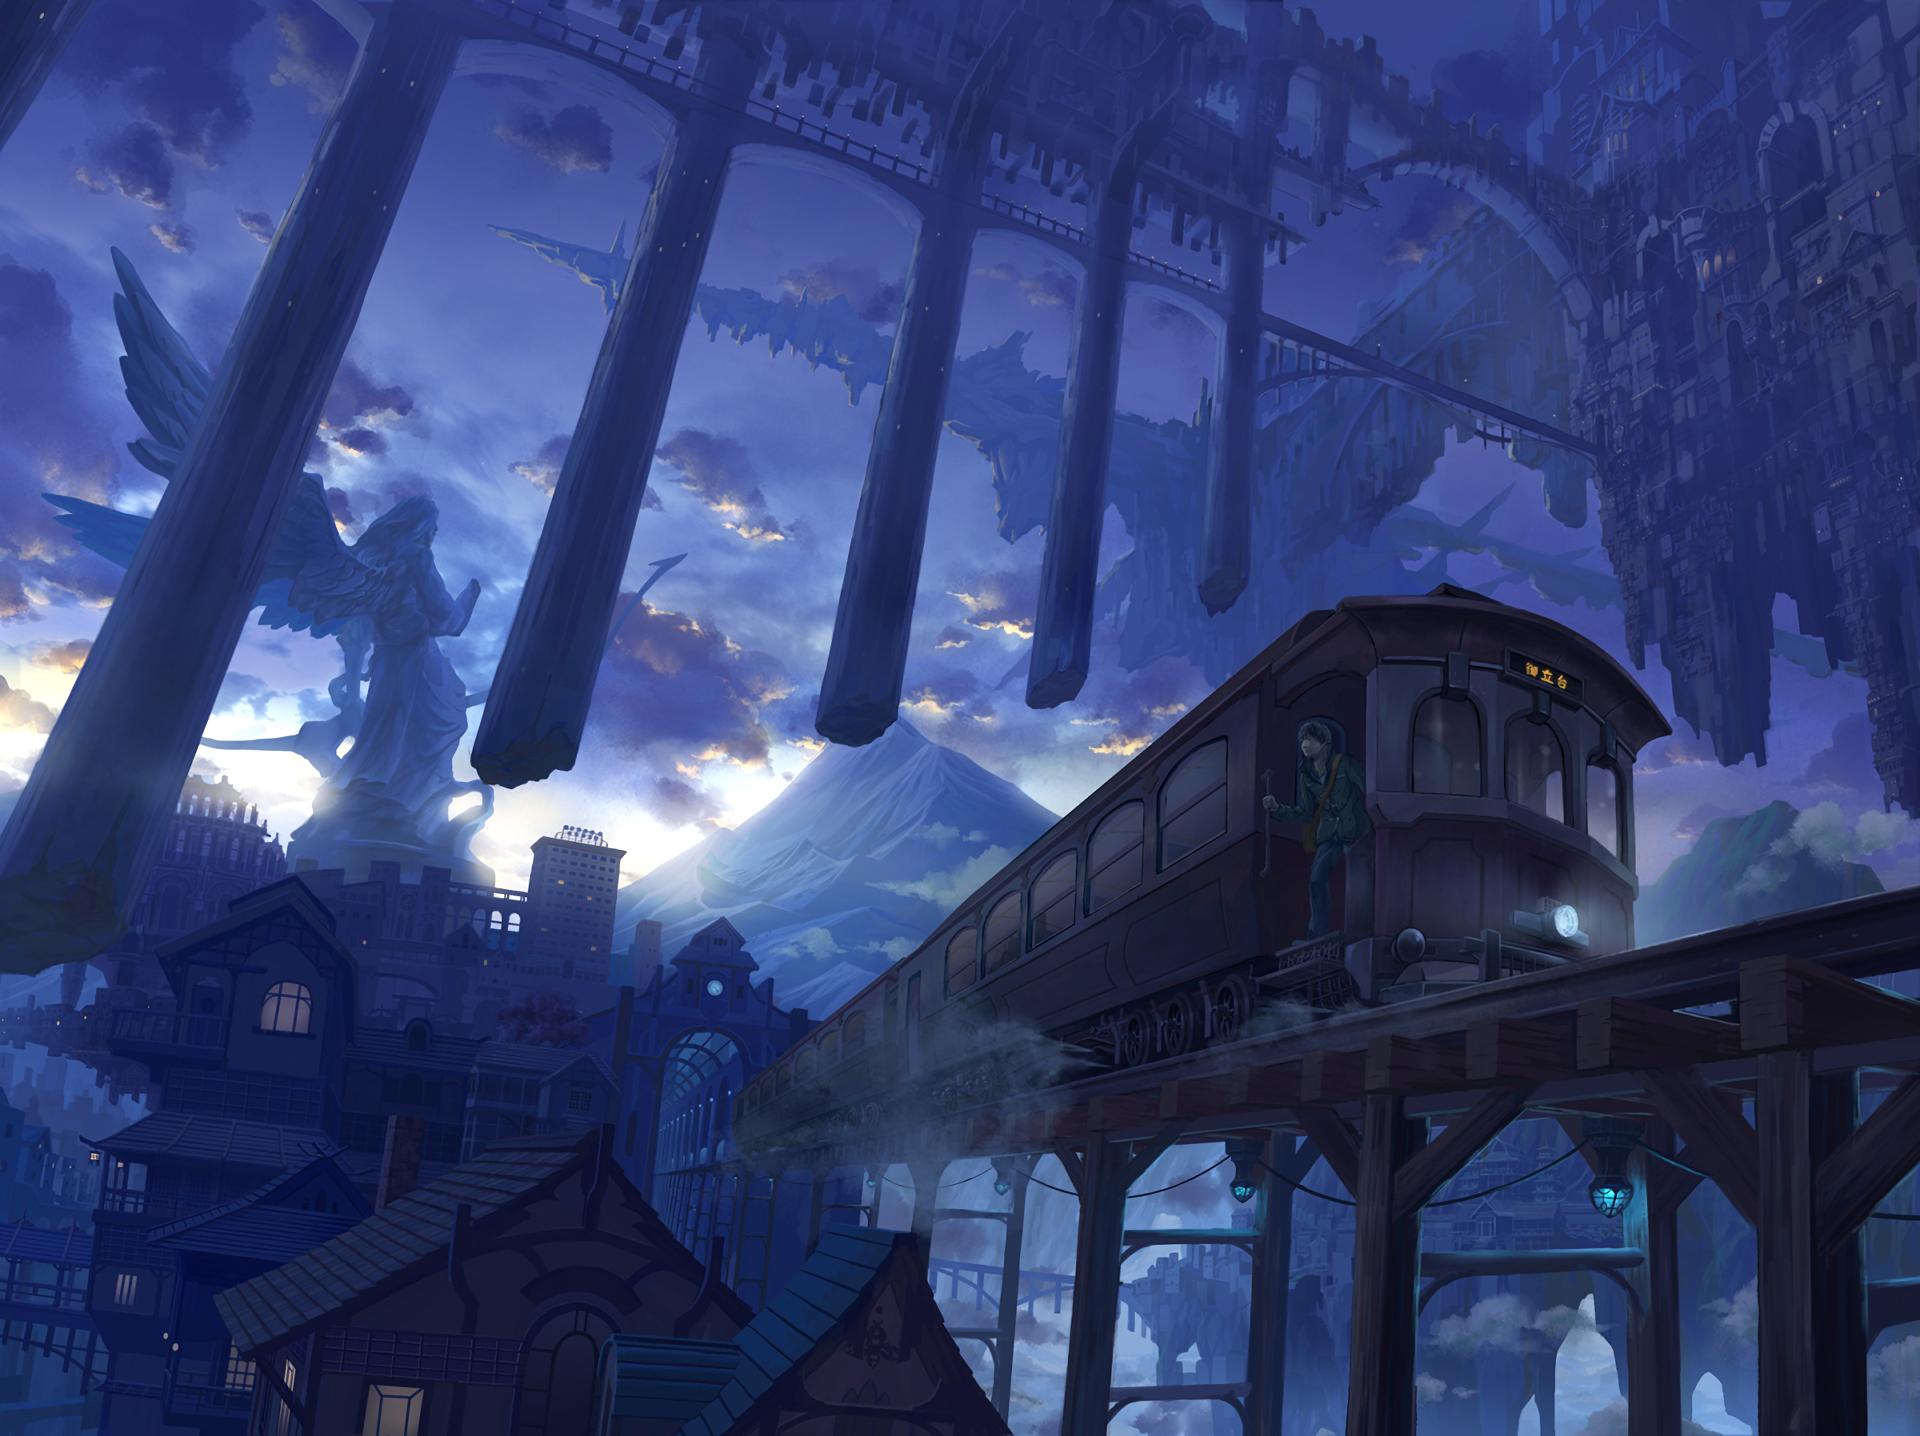 Anime Environment Concept Art